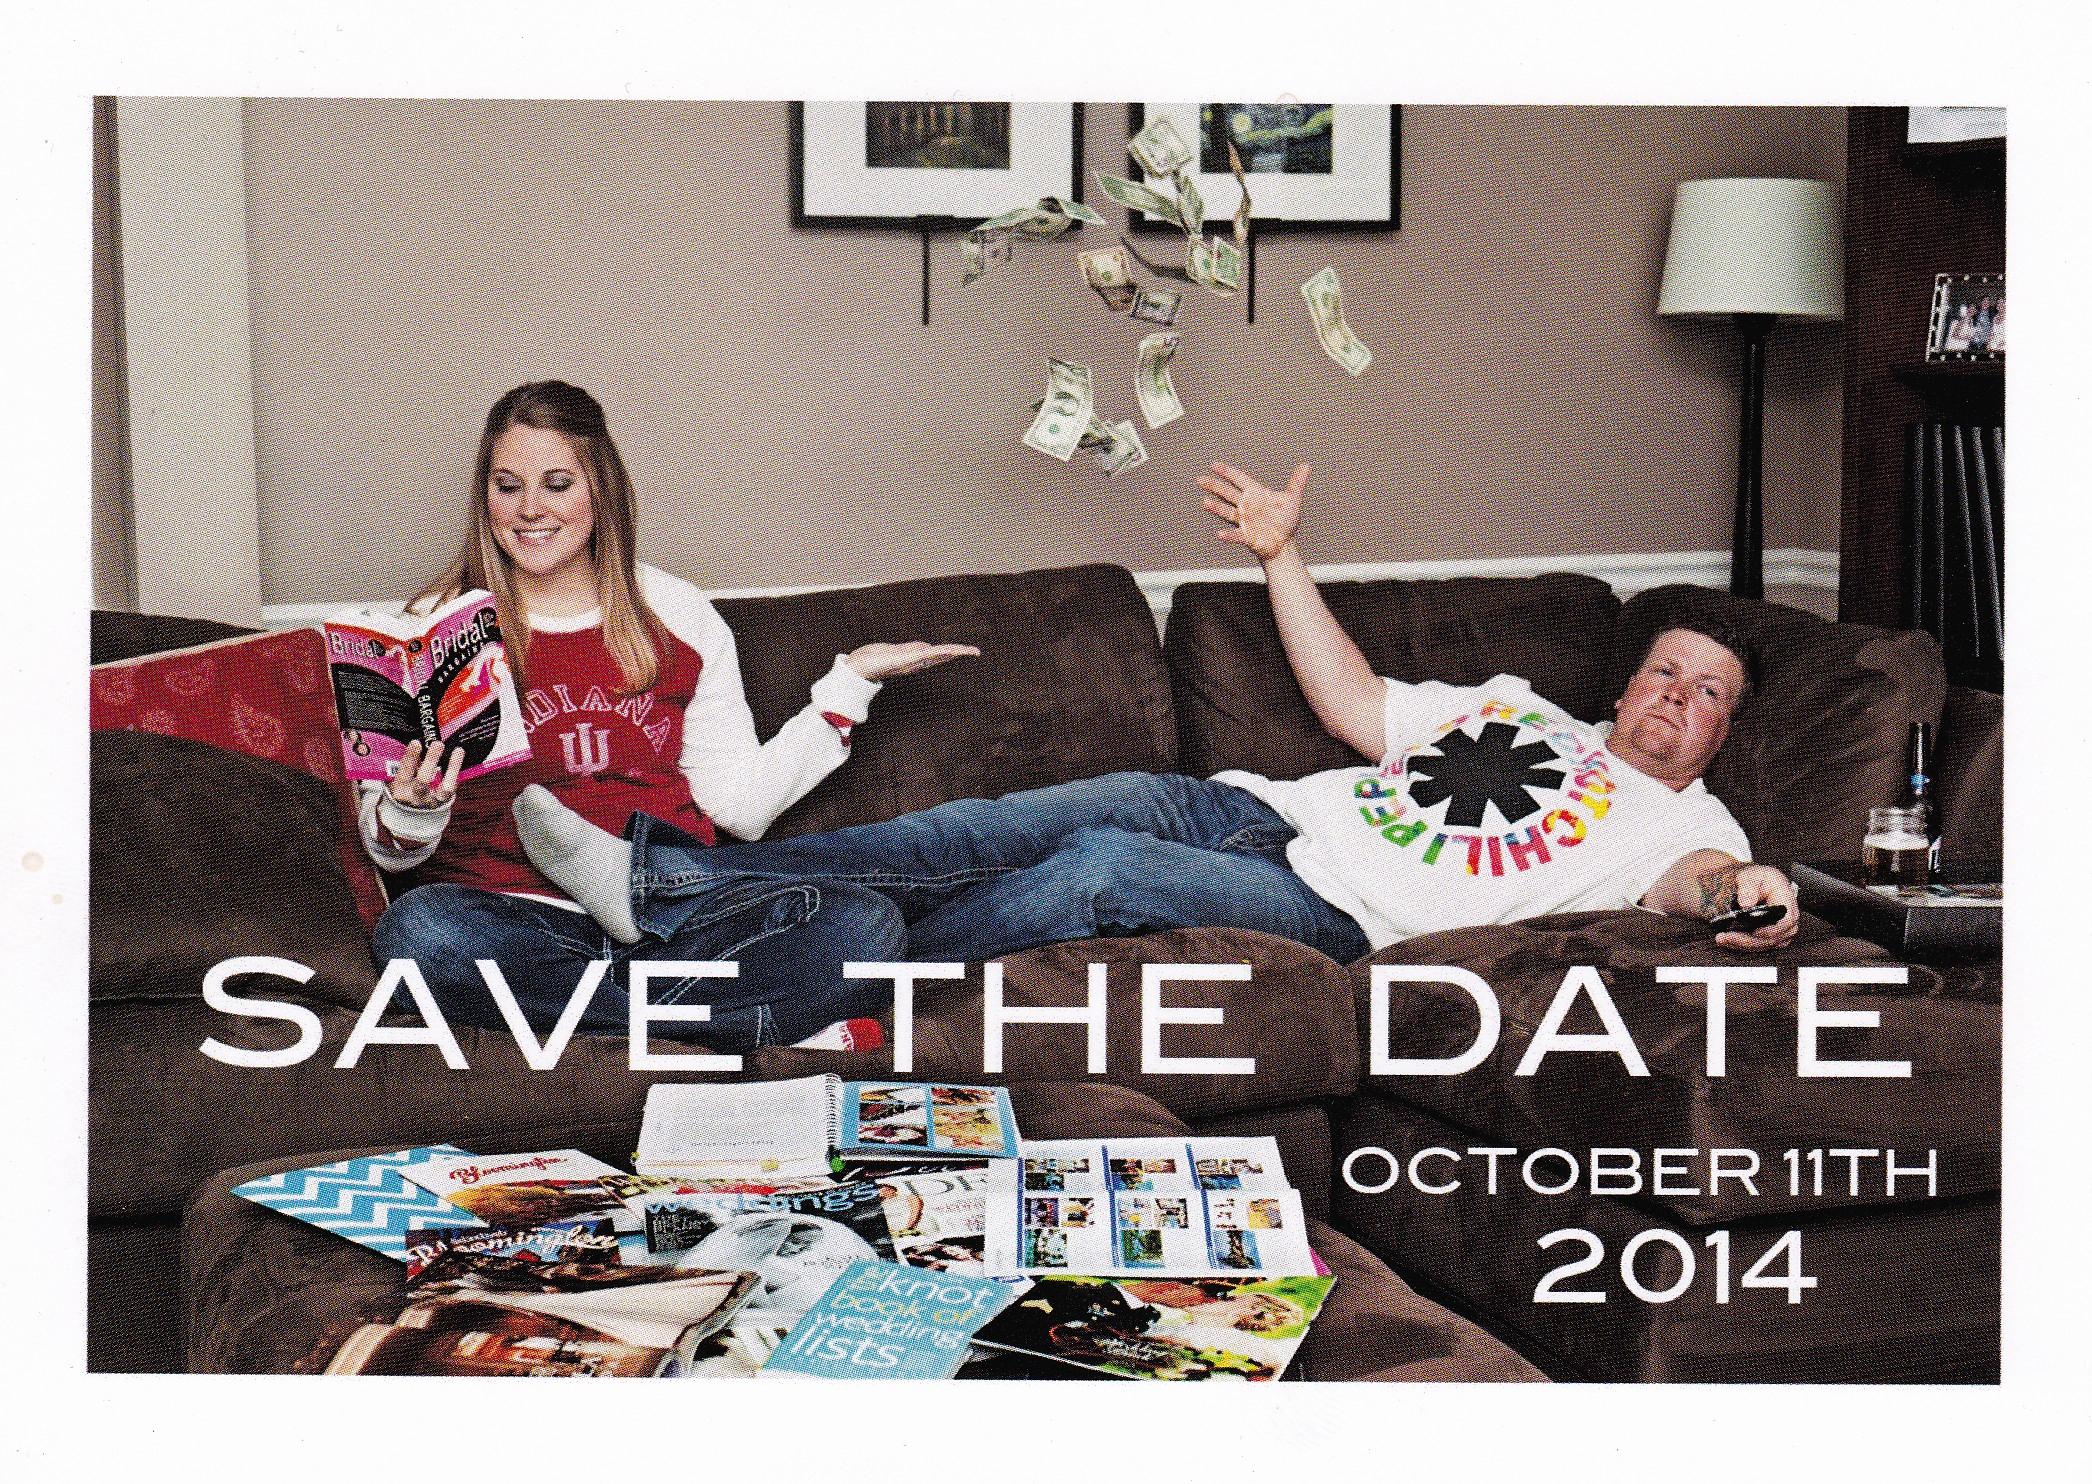 201410111 - Natasha Dawson & Matthew Vaught - Save The Date.jpg